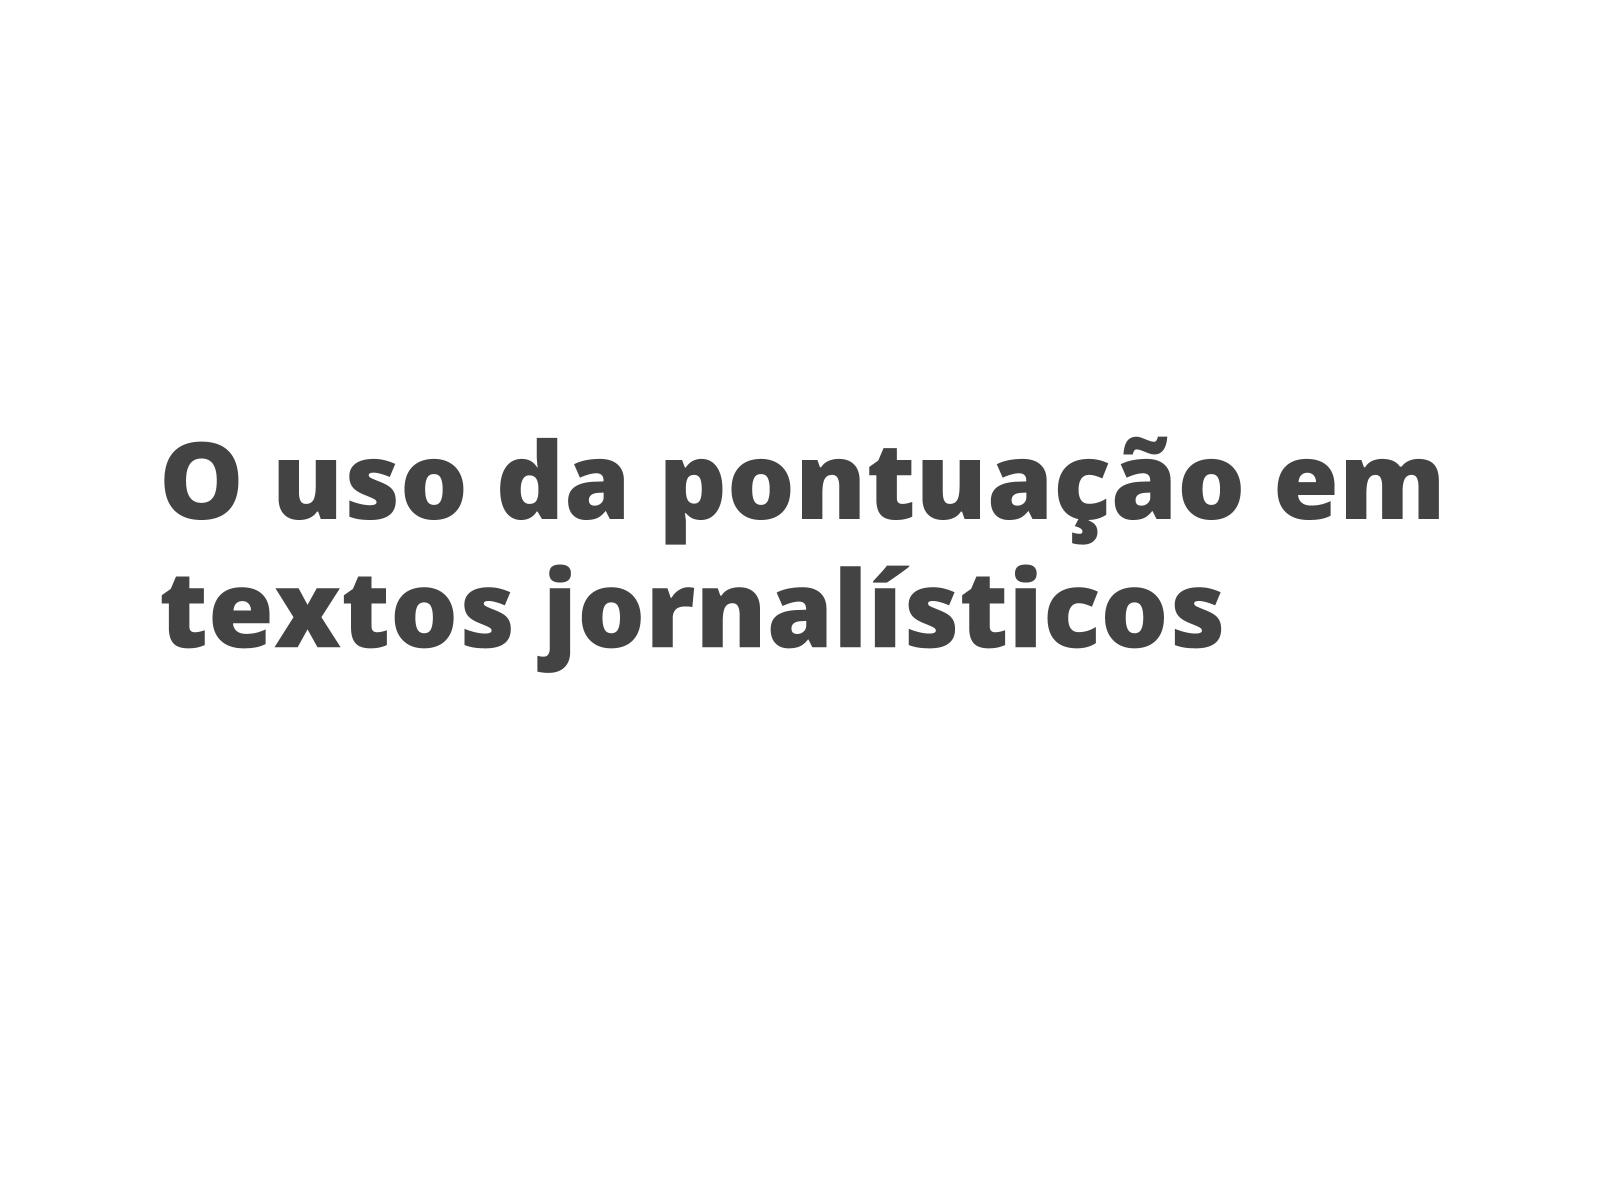 O uso da pontuação em textos jornalísticos - gênero notícia